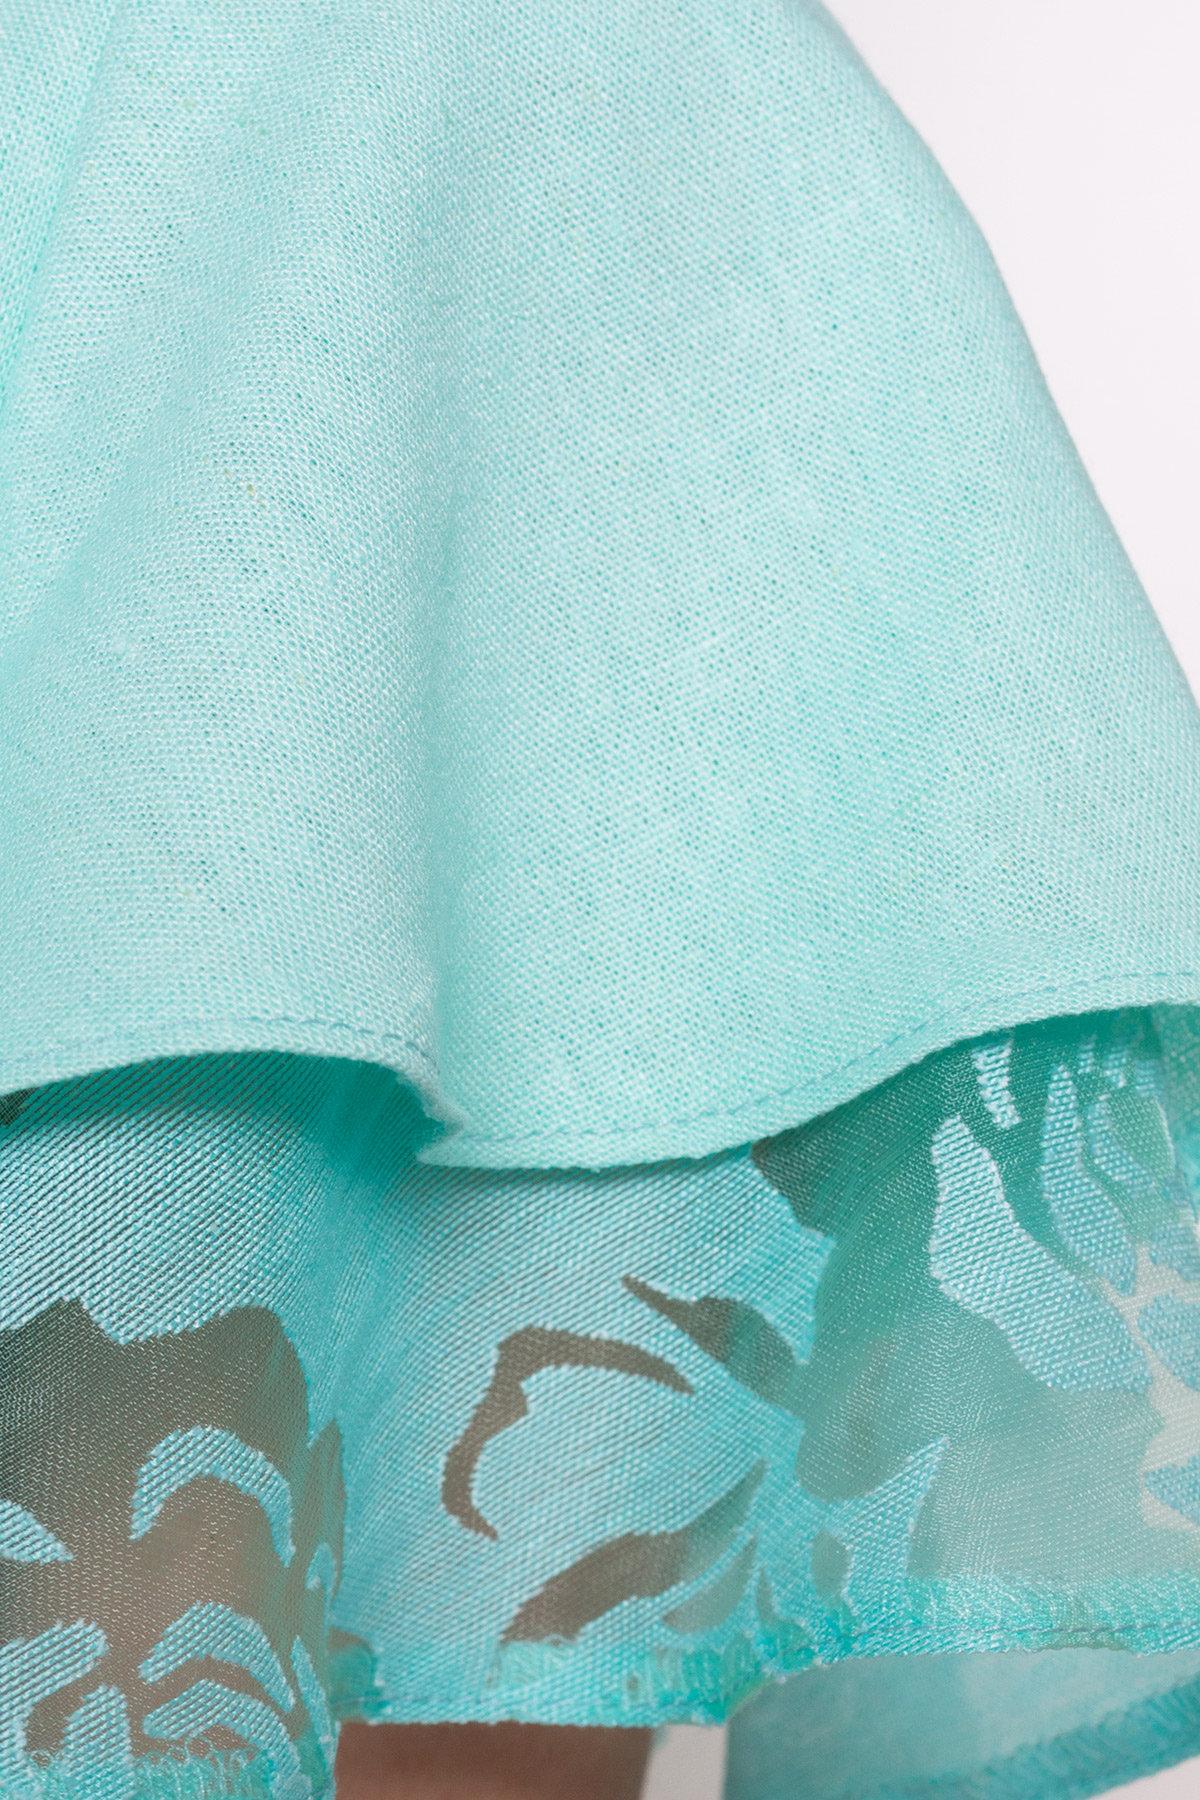 Платье Романтик 4831 АРТ. 34357 Цвет: Мята - фото 3, интернет магазин tm-modus.ru